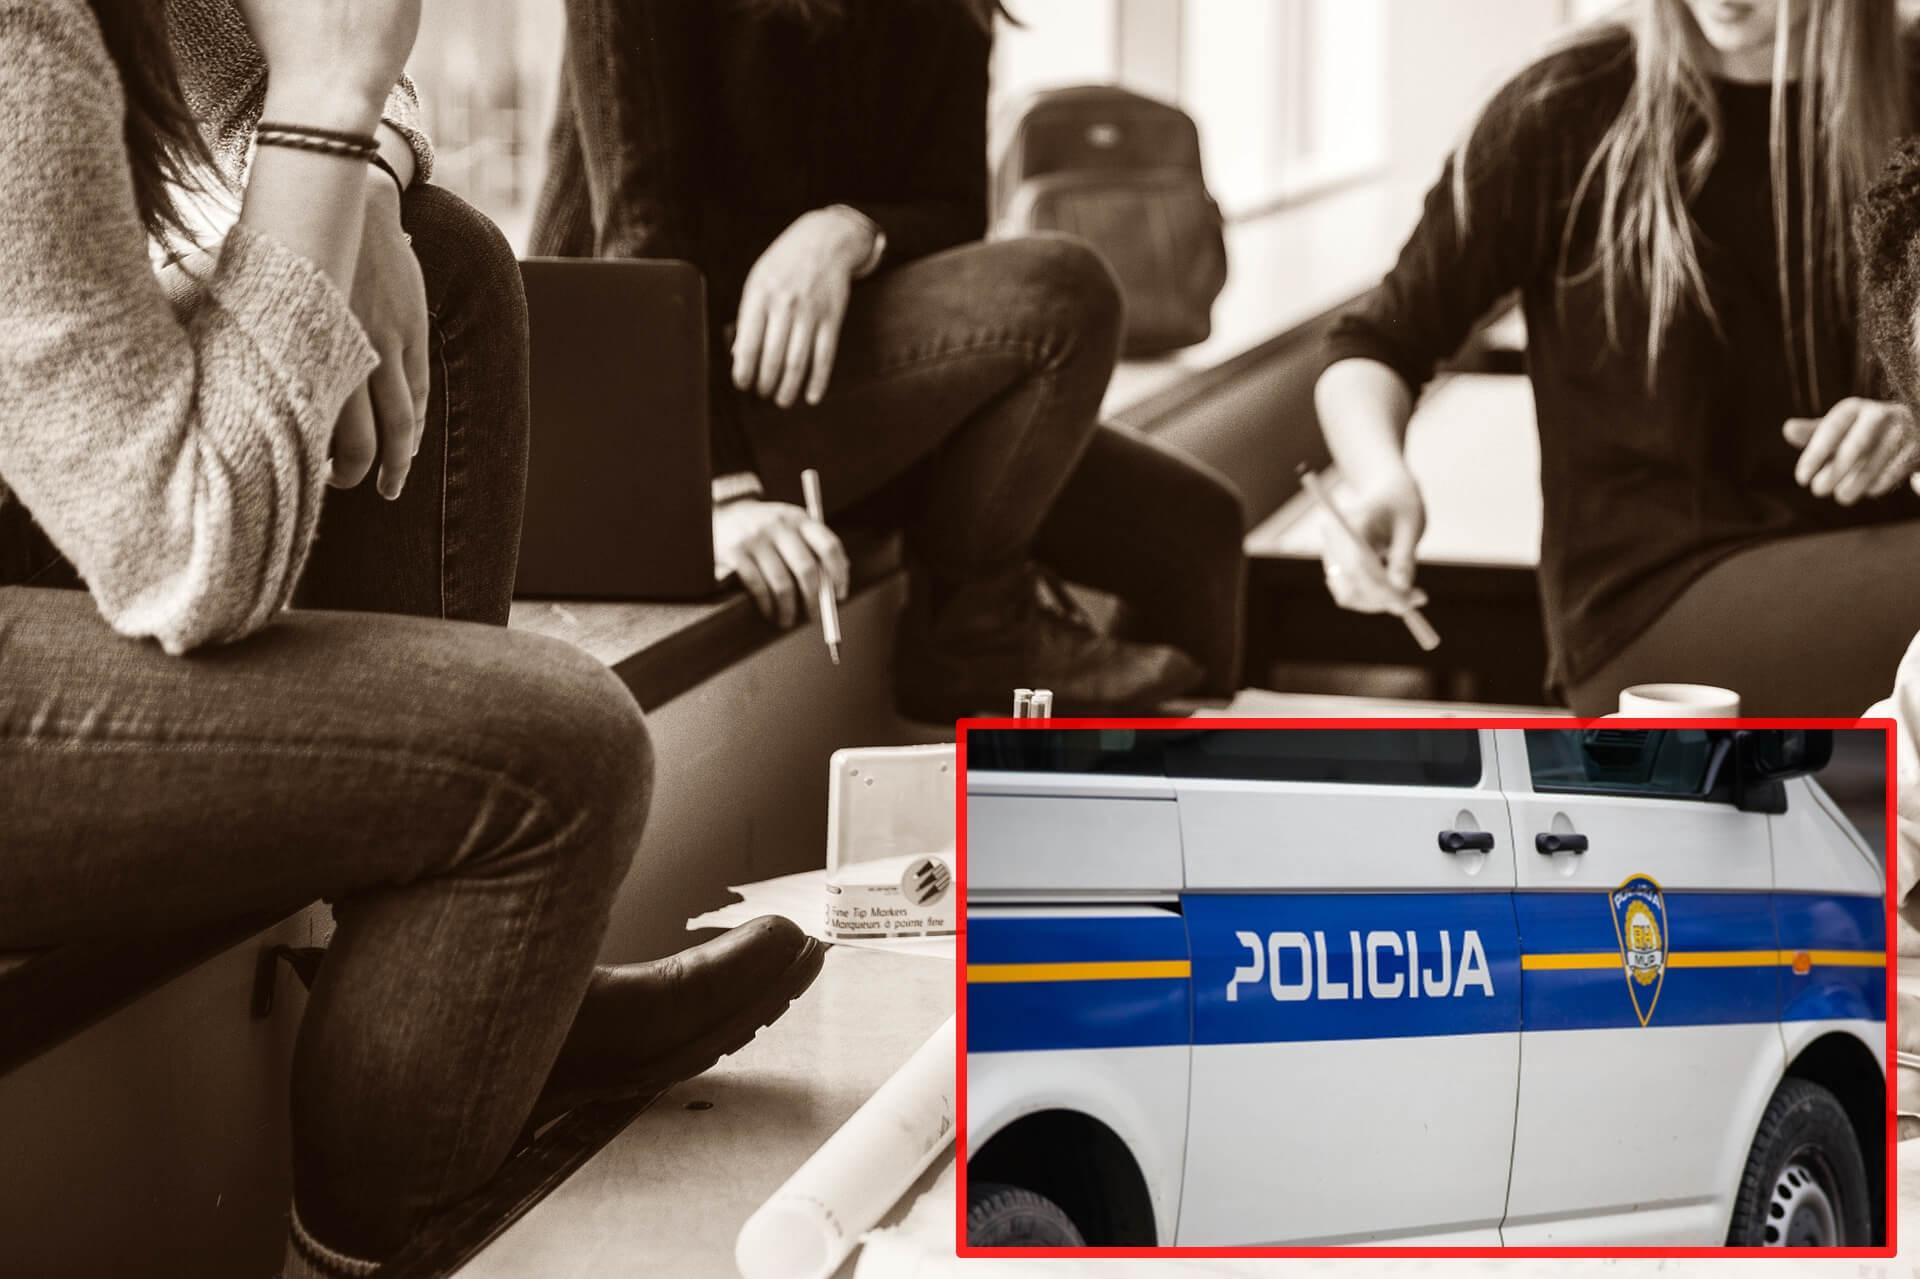 Kupovali akademske radove i za 1.500kn: Slučaj studentskog kriminala došao do ruku policije i državnog odvjetništva